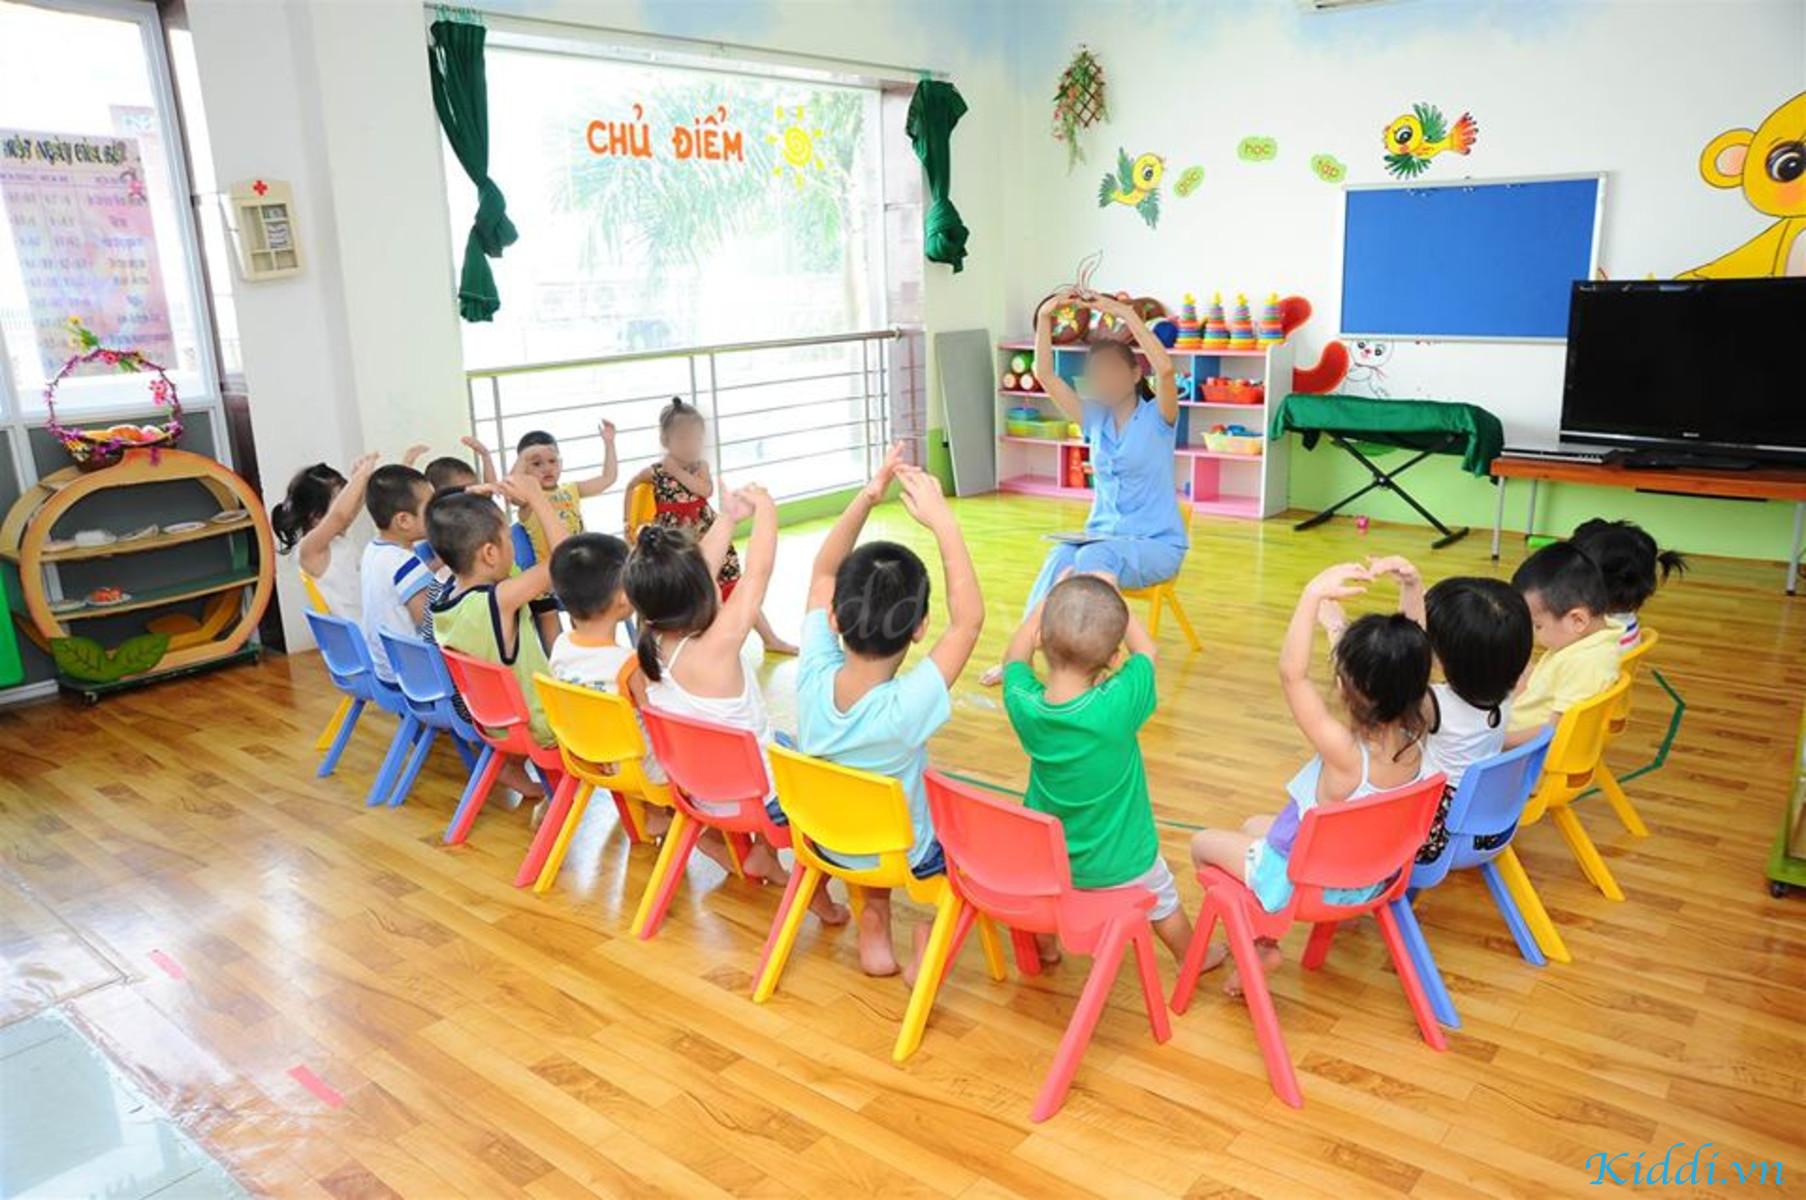 Ảnh Của Đội Ngũ Kiddi Tại Trường Mầm Non Chích Bông - Phạm Hùng ...